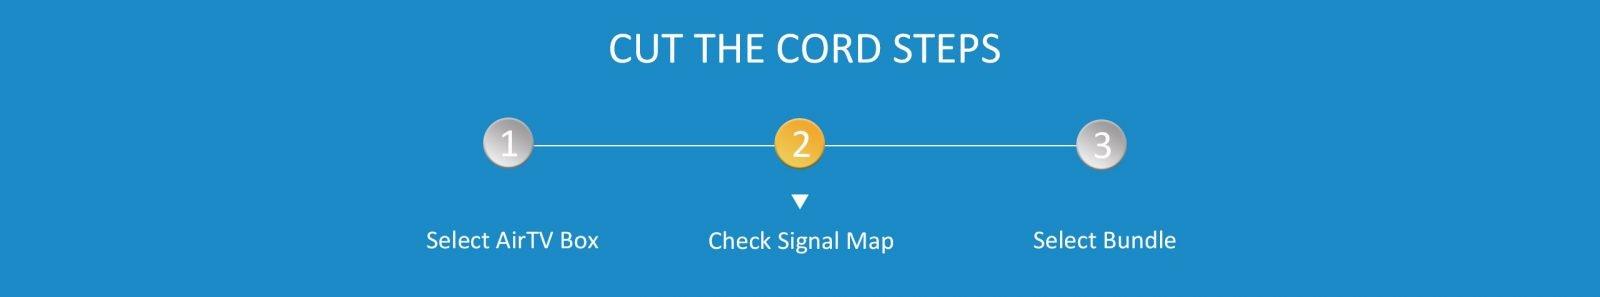 AirTV + ANTOP Cord Cutting Step 2